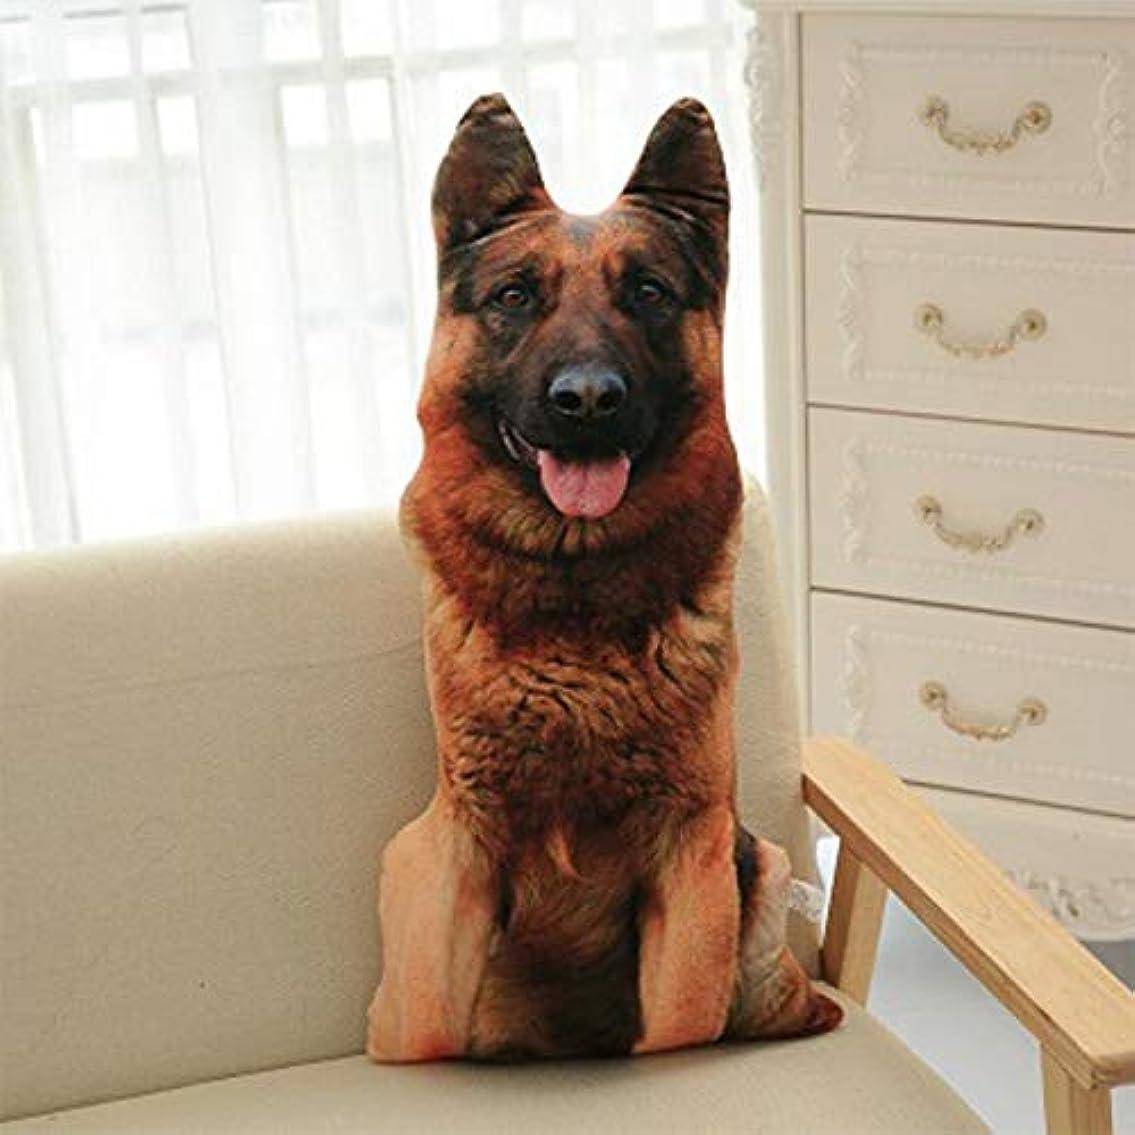 誘惑する反対した威信LIFE 3D プリントシミュレーション犬ぬいぐるみクッションぬいぐるみ犬ぬいぐるみ枕ぬいぐるみの漫画クッションキッズ人形ベストギフト クッション 椅子